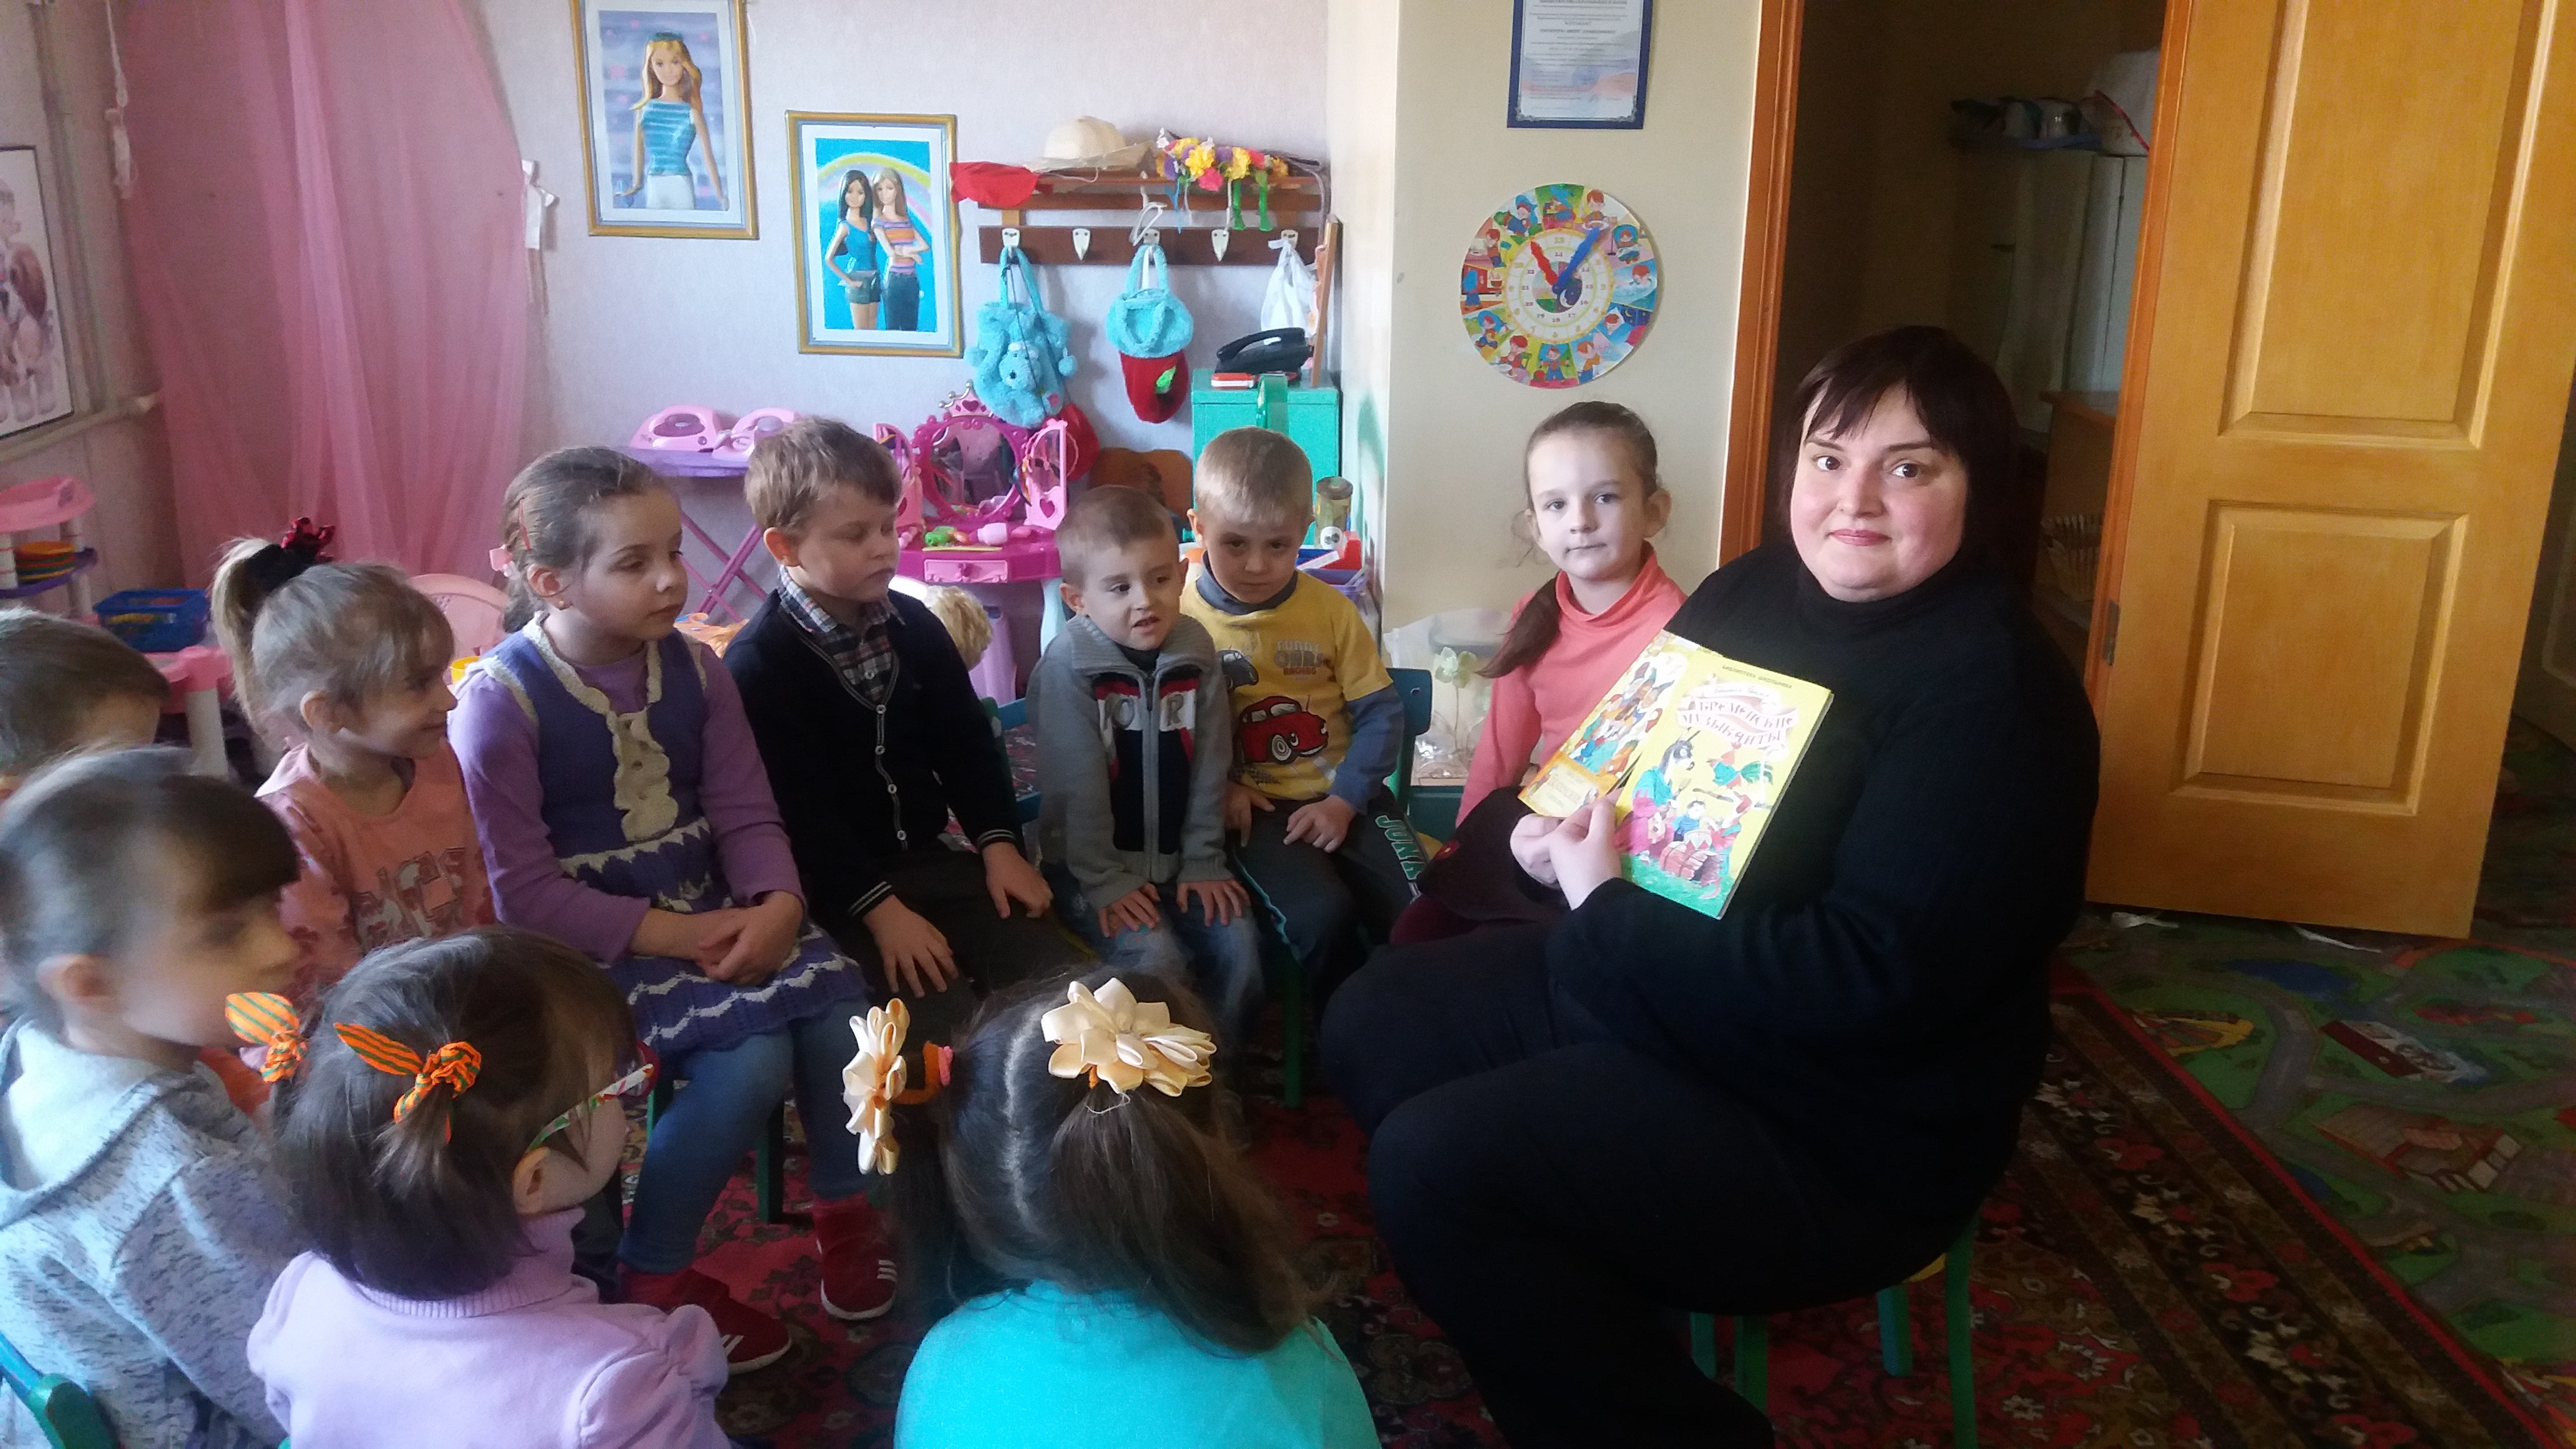 волшебная страна братьев гримм, донецкая республиканская библиотека для детей, отдел внестационарного обслуживания , занятия с детьми